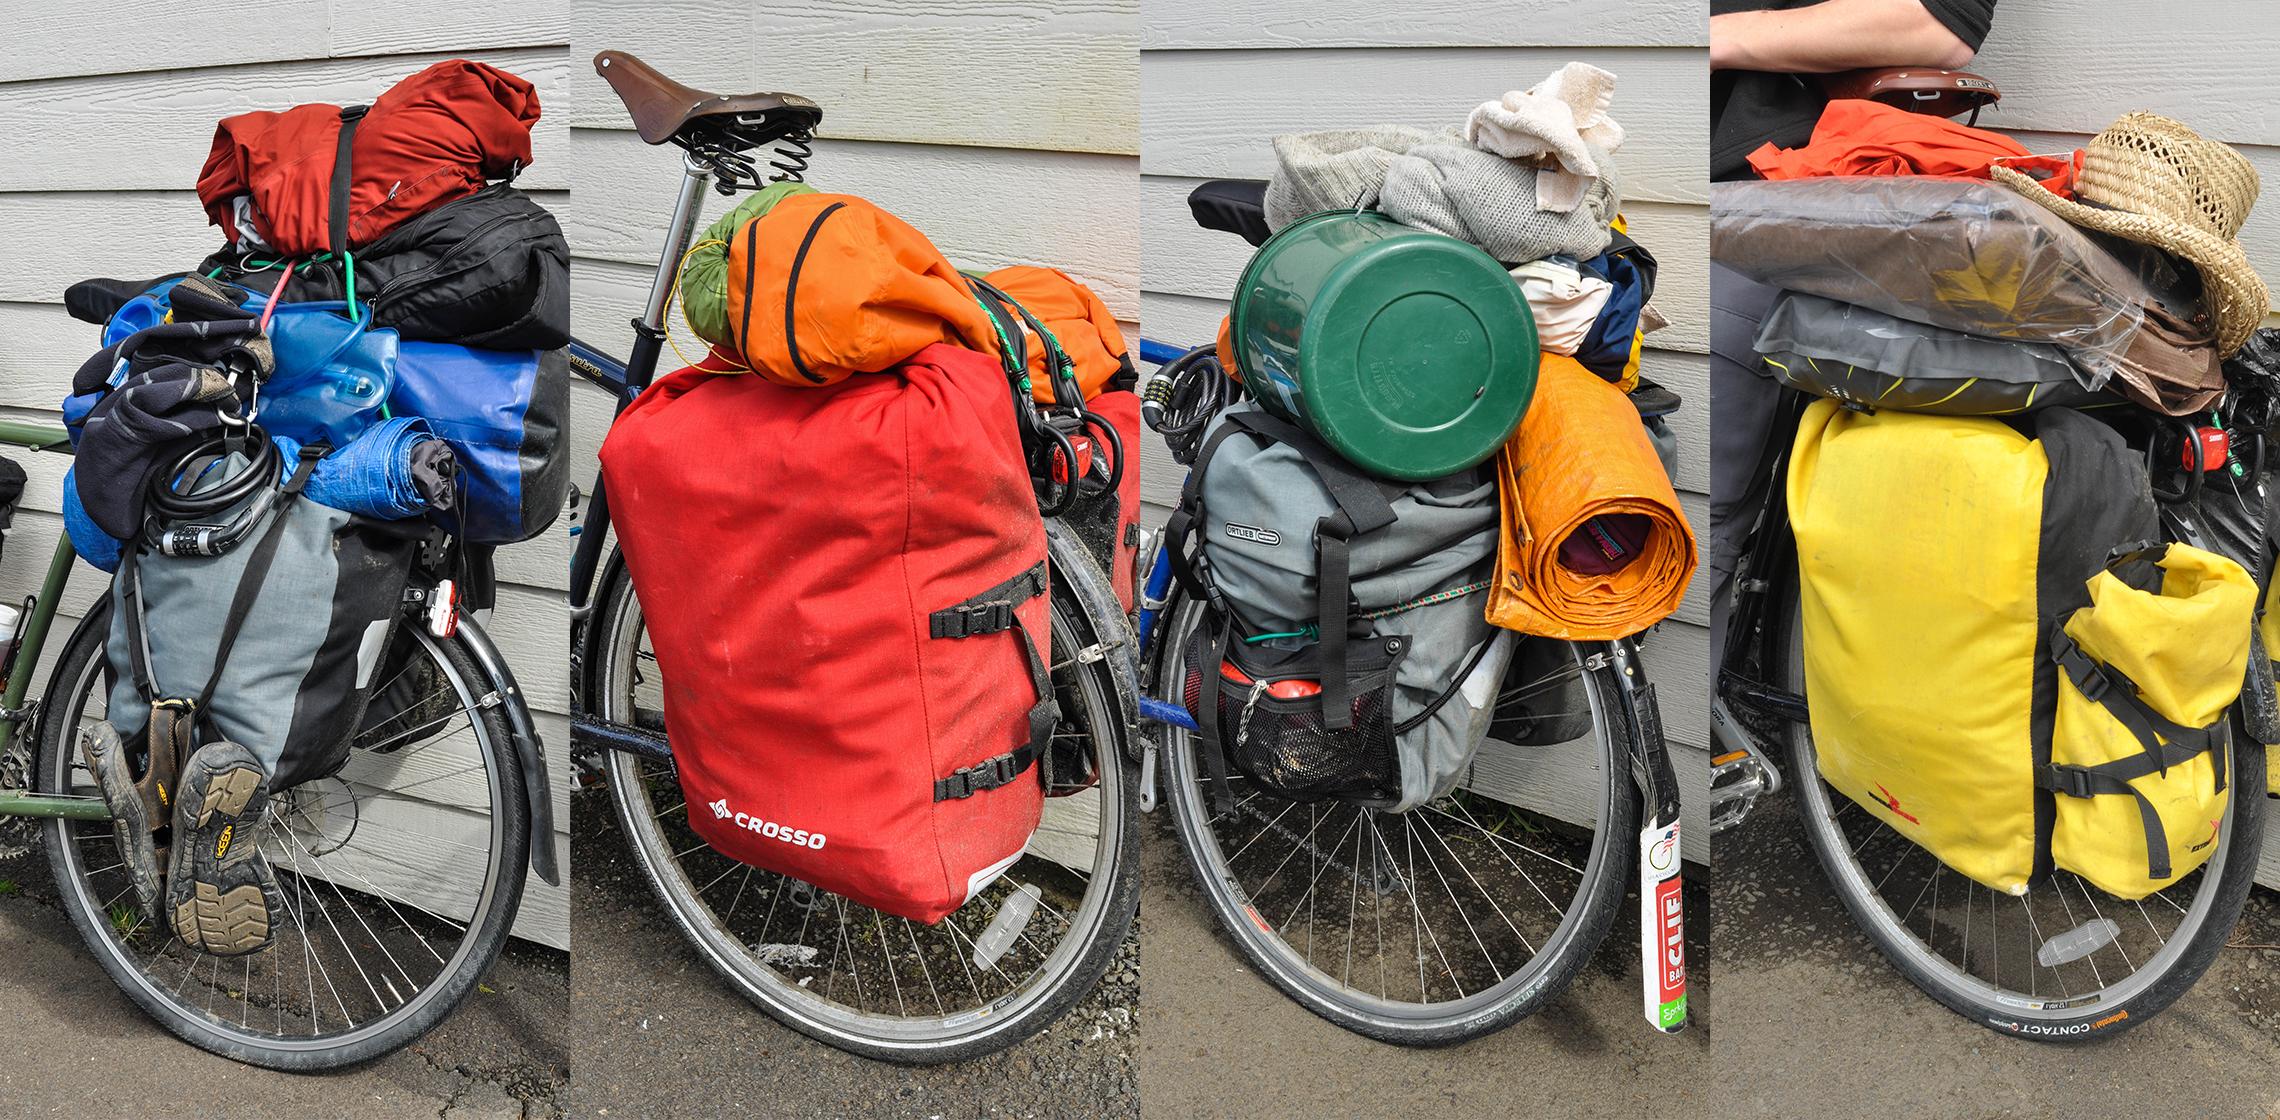 Dawes Touring Bikes Uk